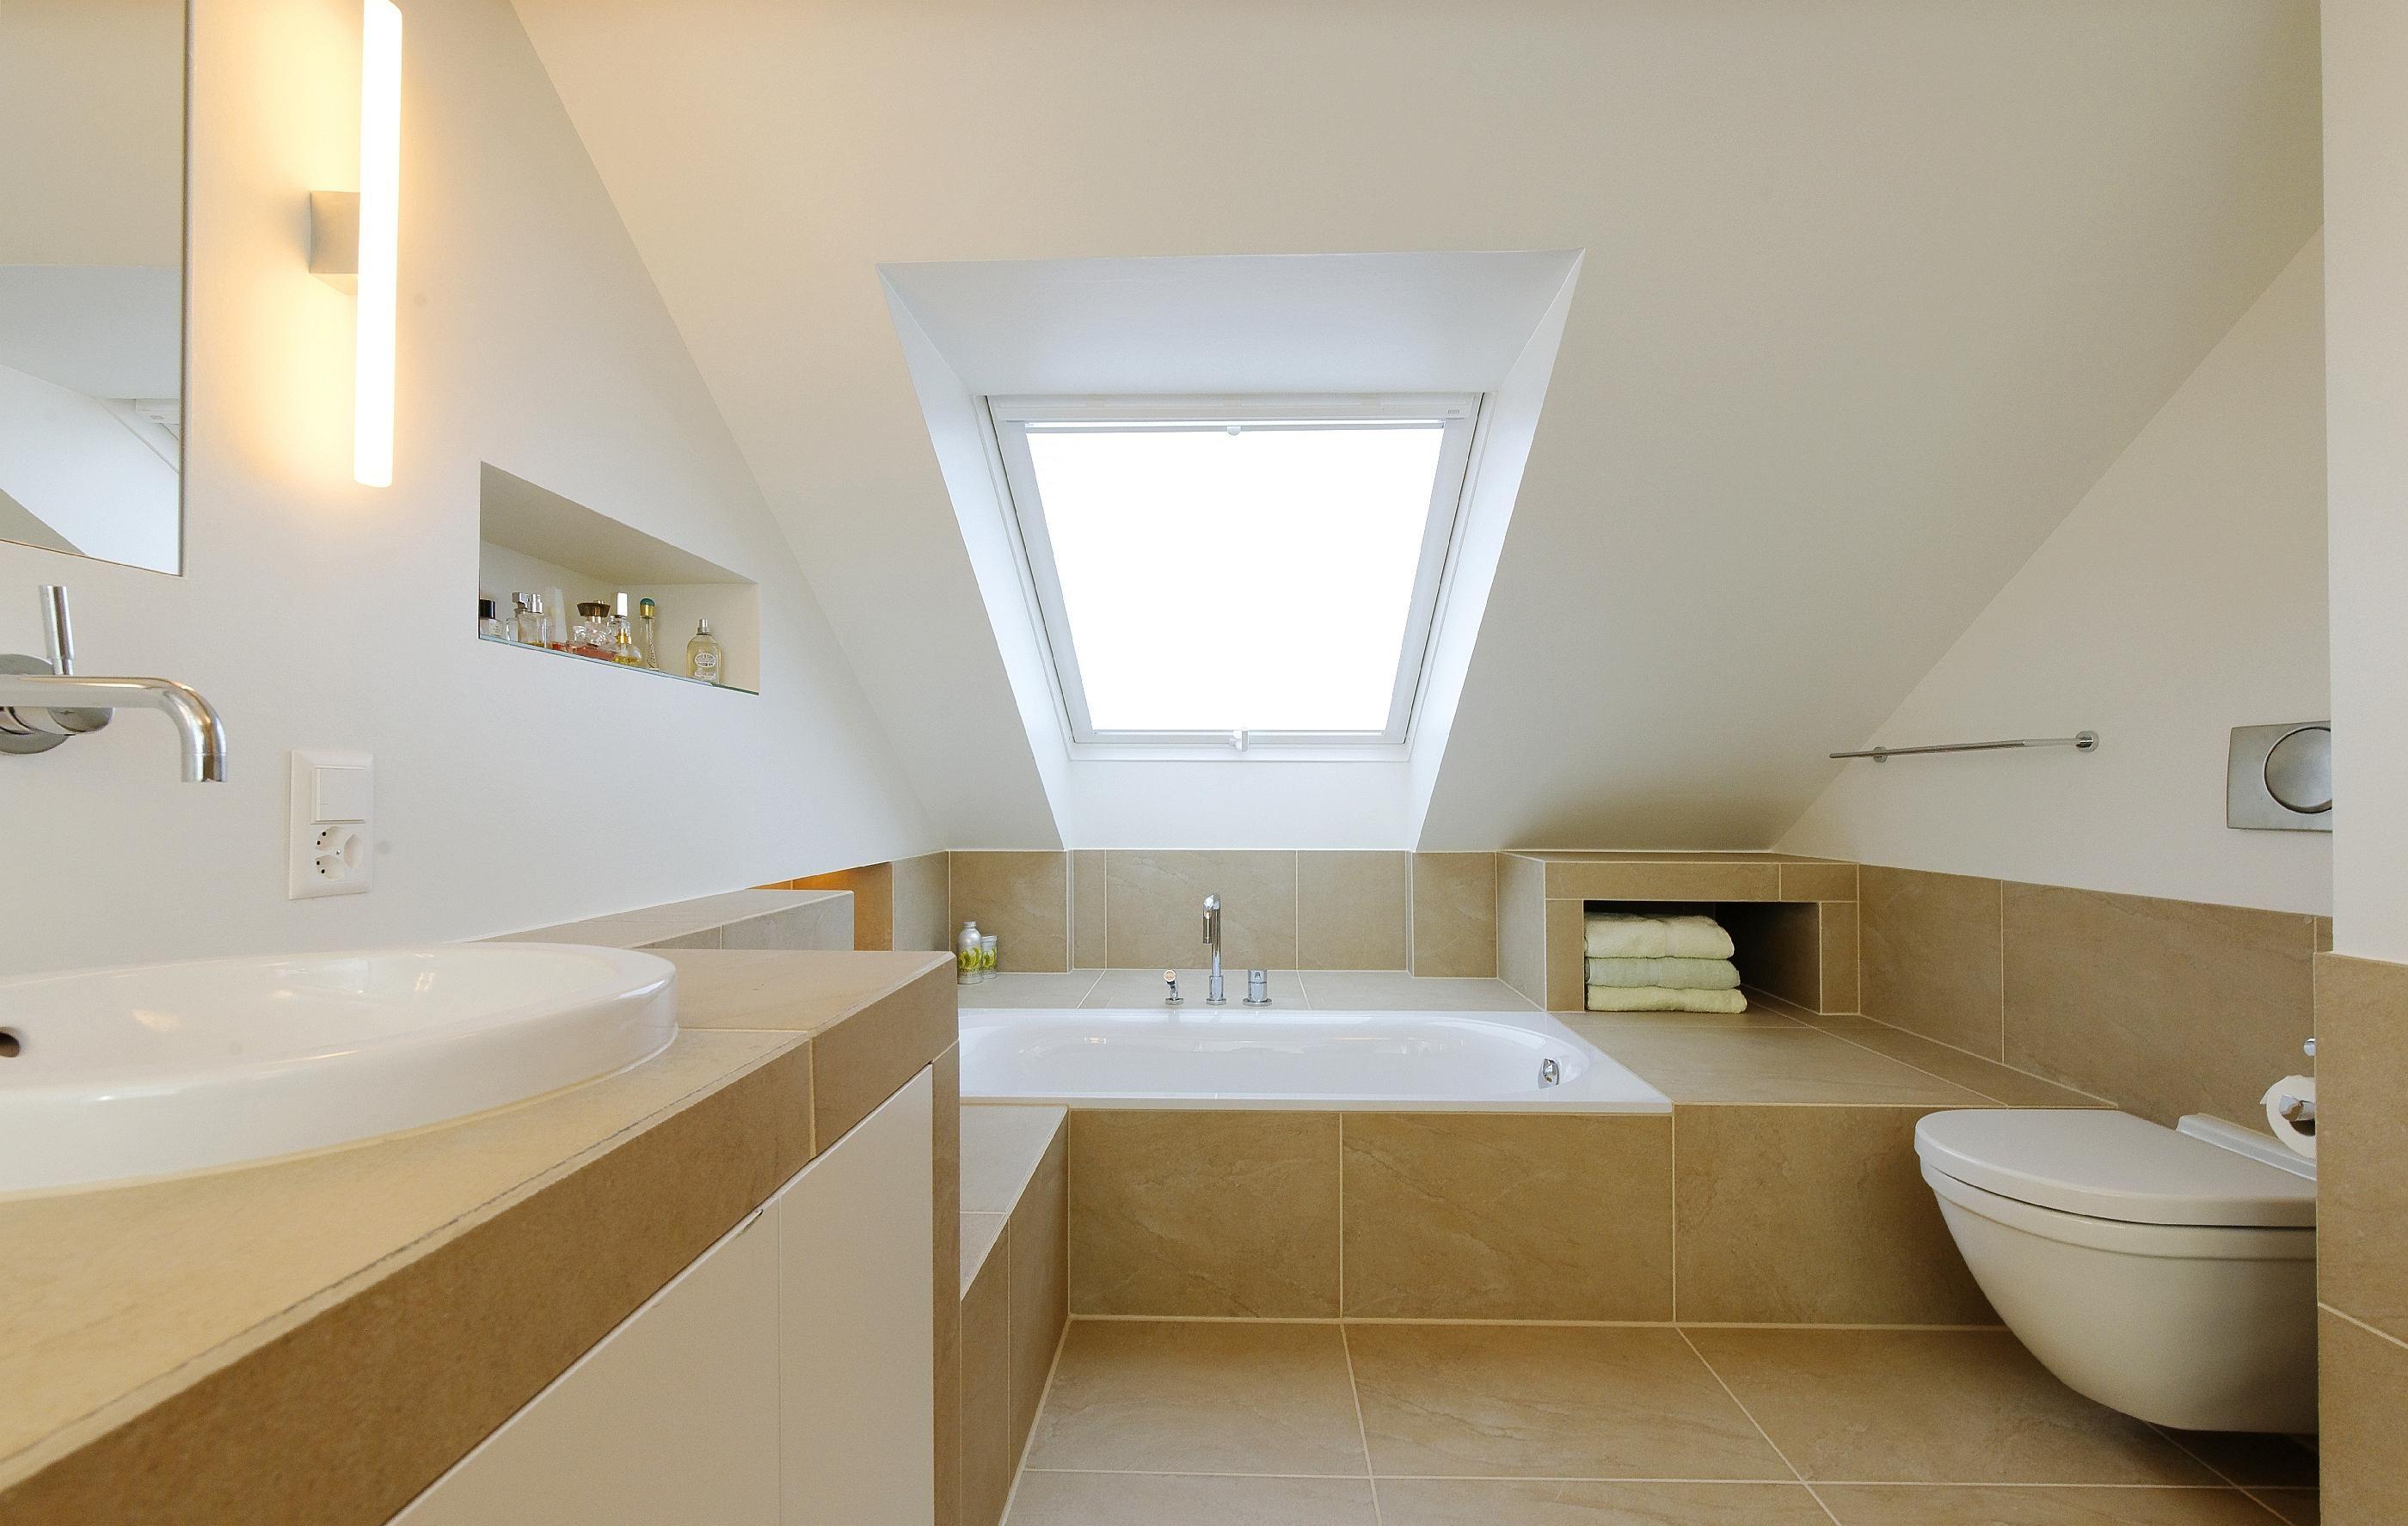 Badezimmer Umbau Dachschrage Dachfenster Fliesen Badezimmer Dachschrage Badezimmer Umbau Badezimmer Dachgeschoss